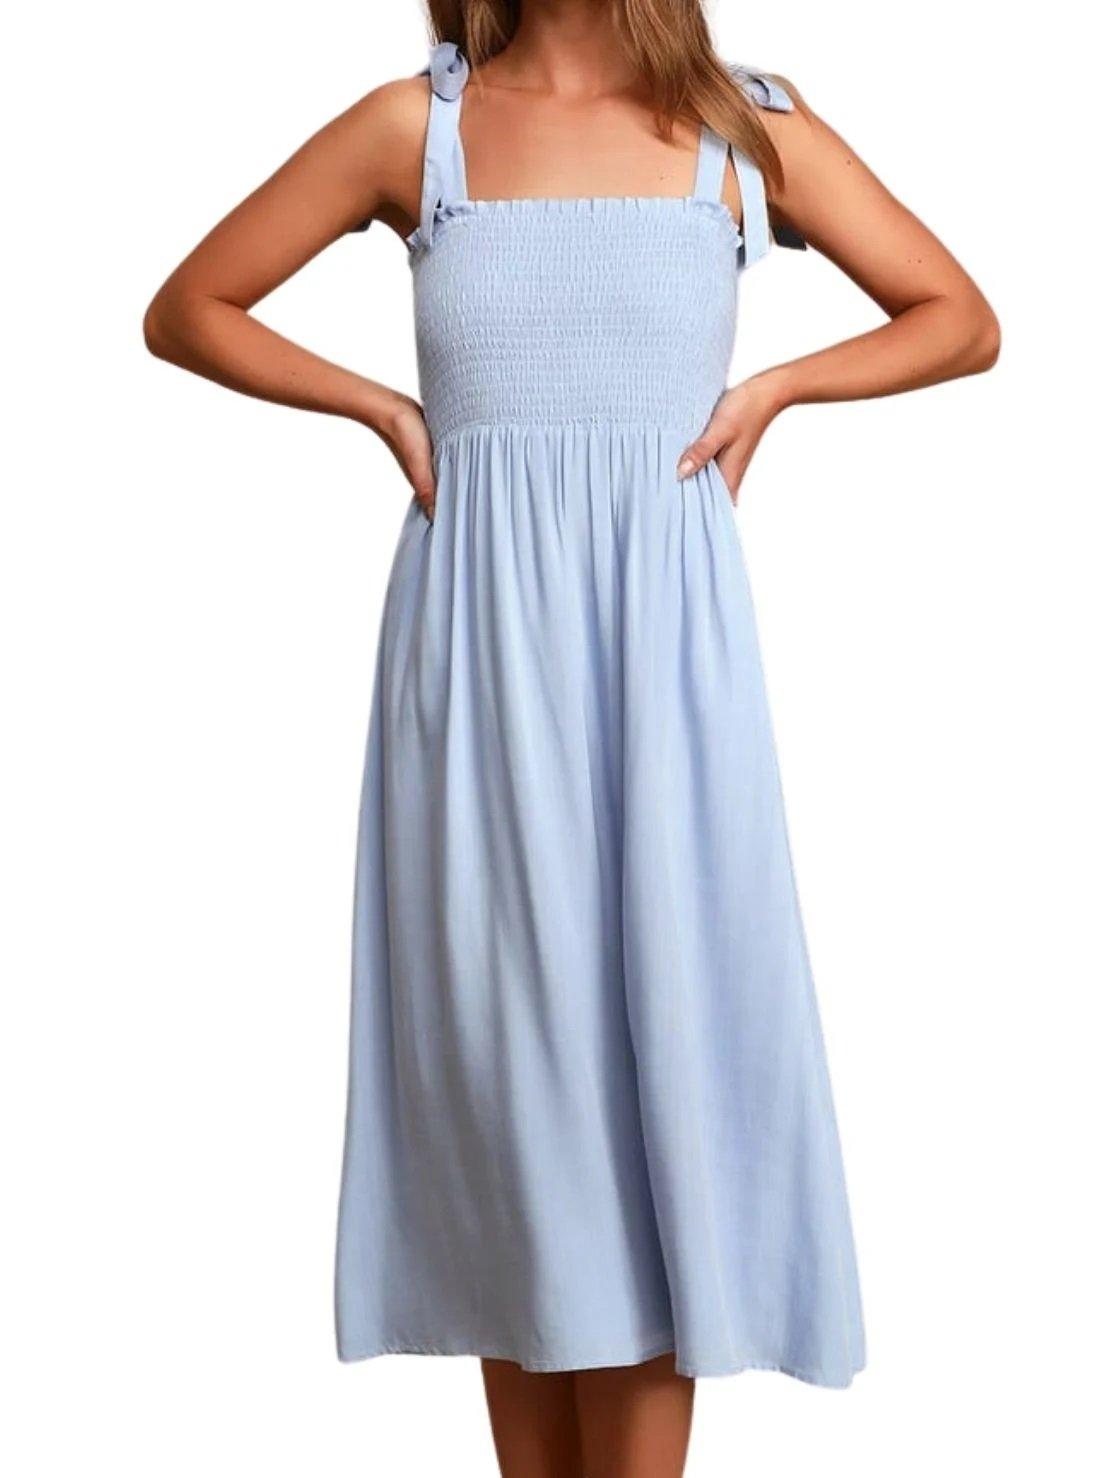 Light Blue Smocked Tie-Strap Summer Midi Dress